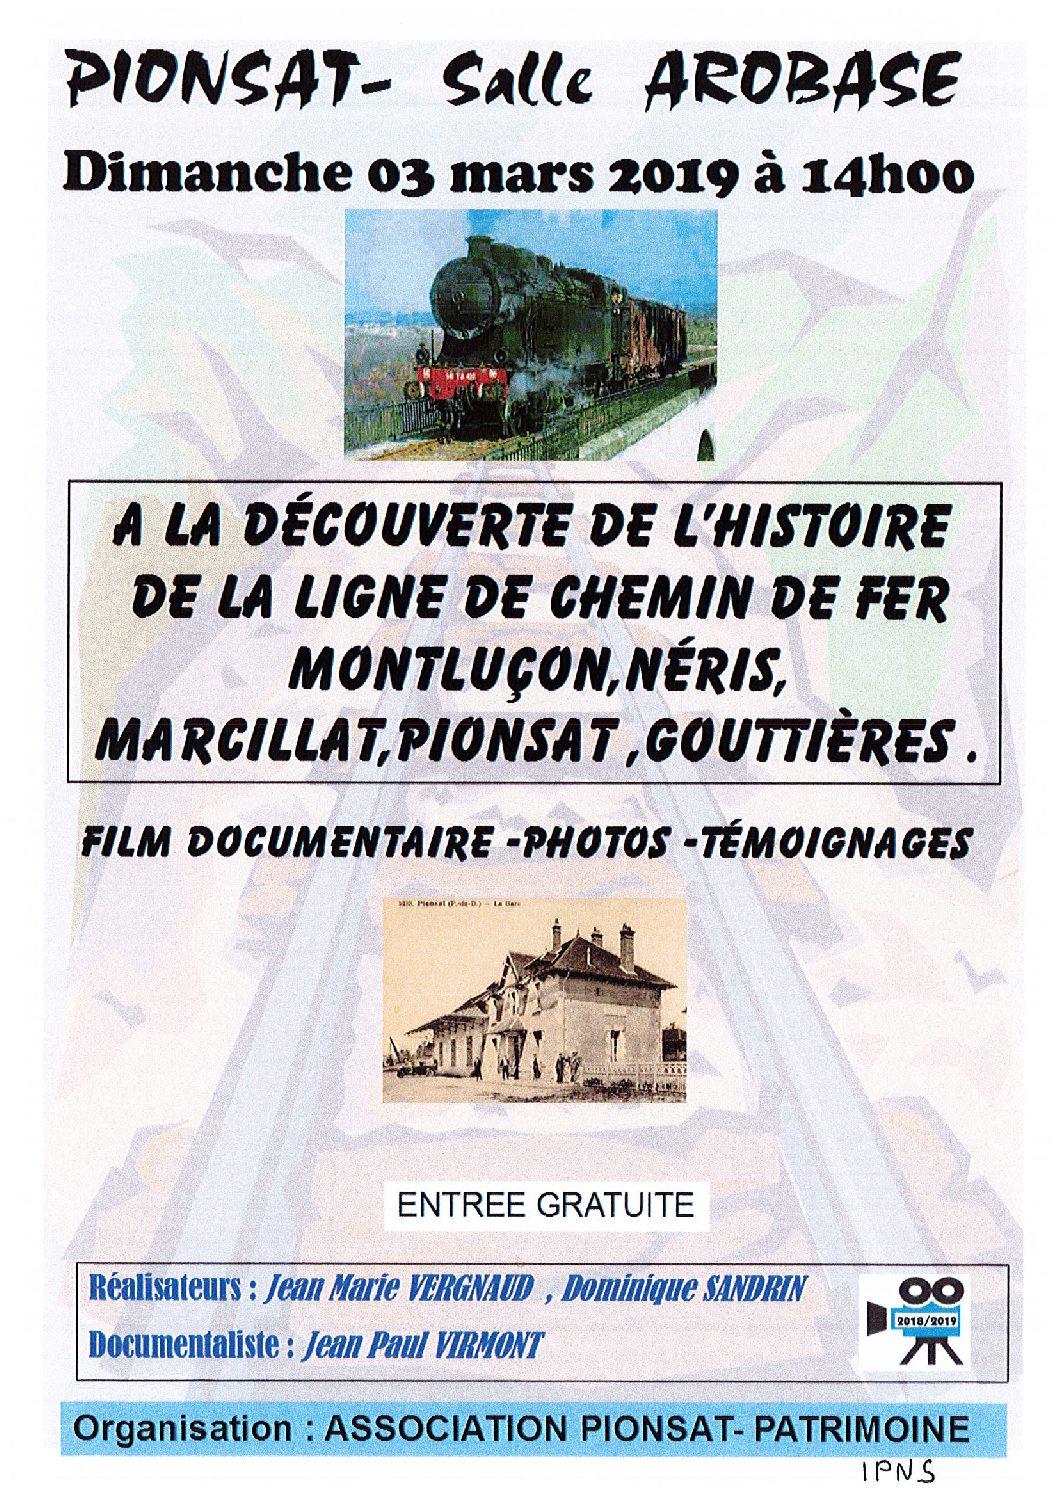 DECOUVERTE DE L'HISTOIRE DE LA LIGNE DE CHEMIN DE FER